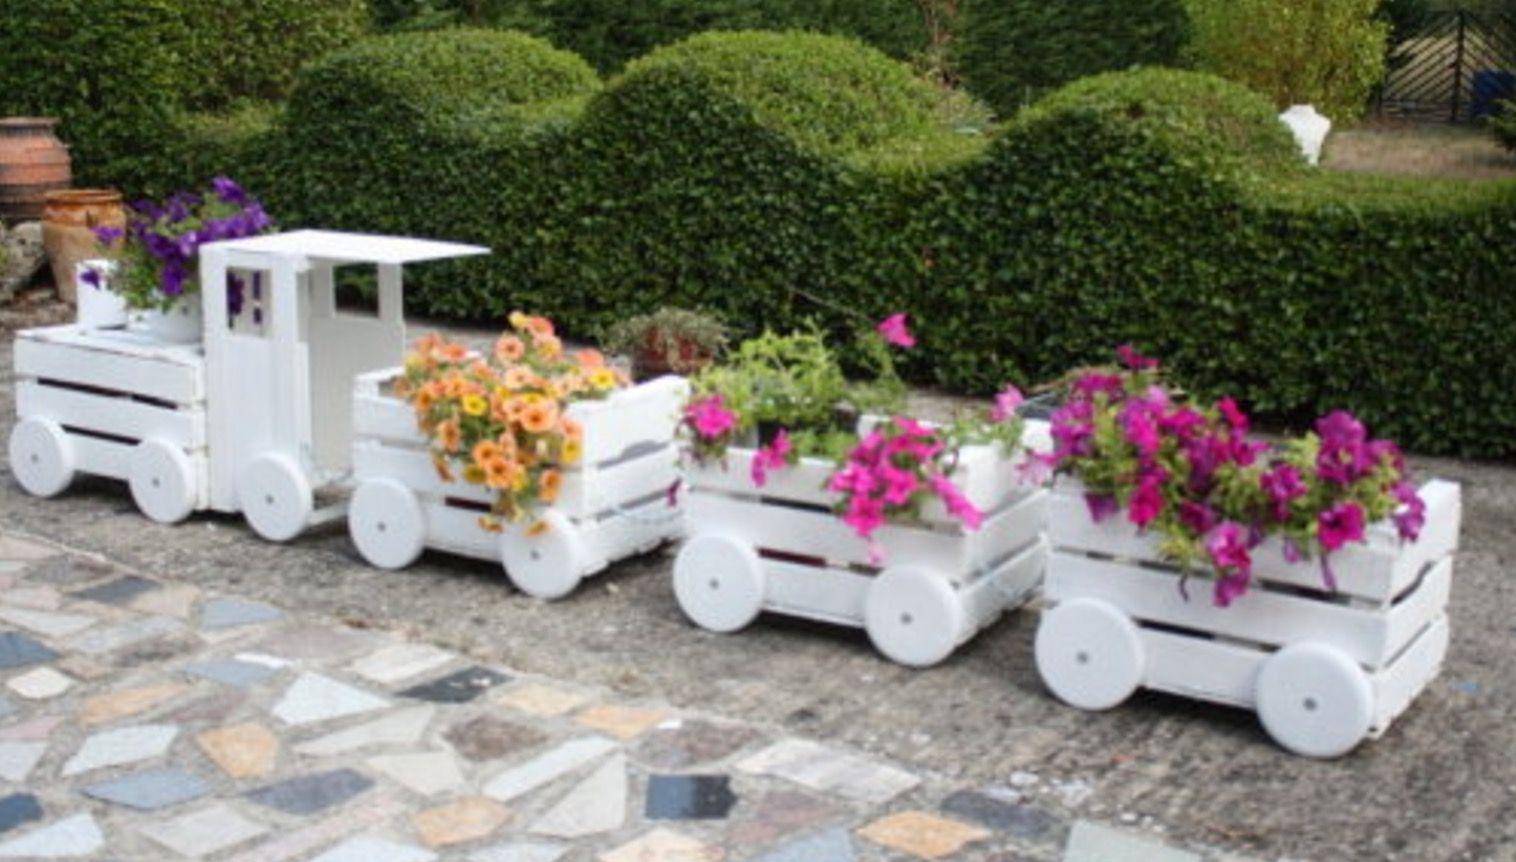 Get the Perfect Look for Your Garden à¦à¦° à¦à¦¬à¦¿à¦° ফলাফল